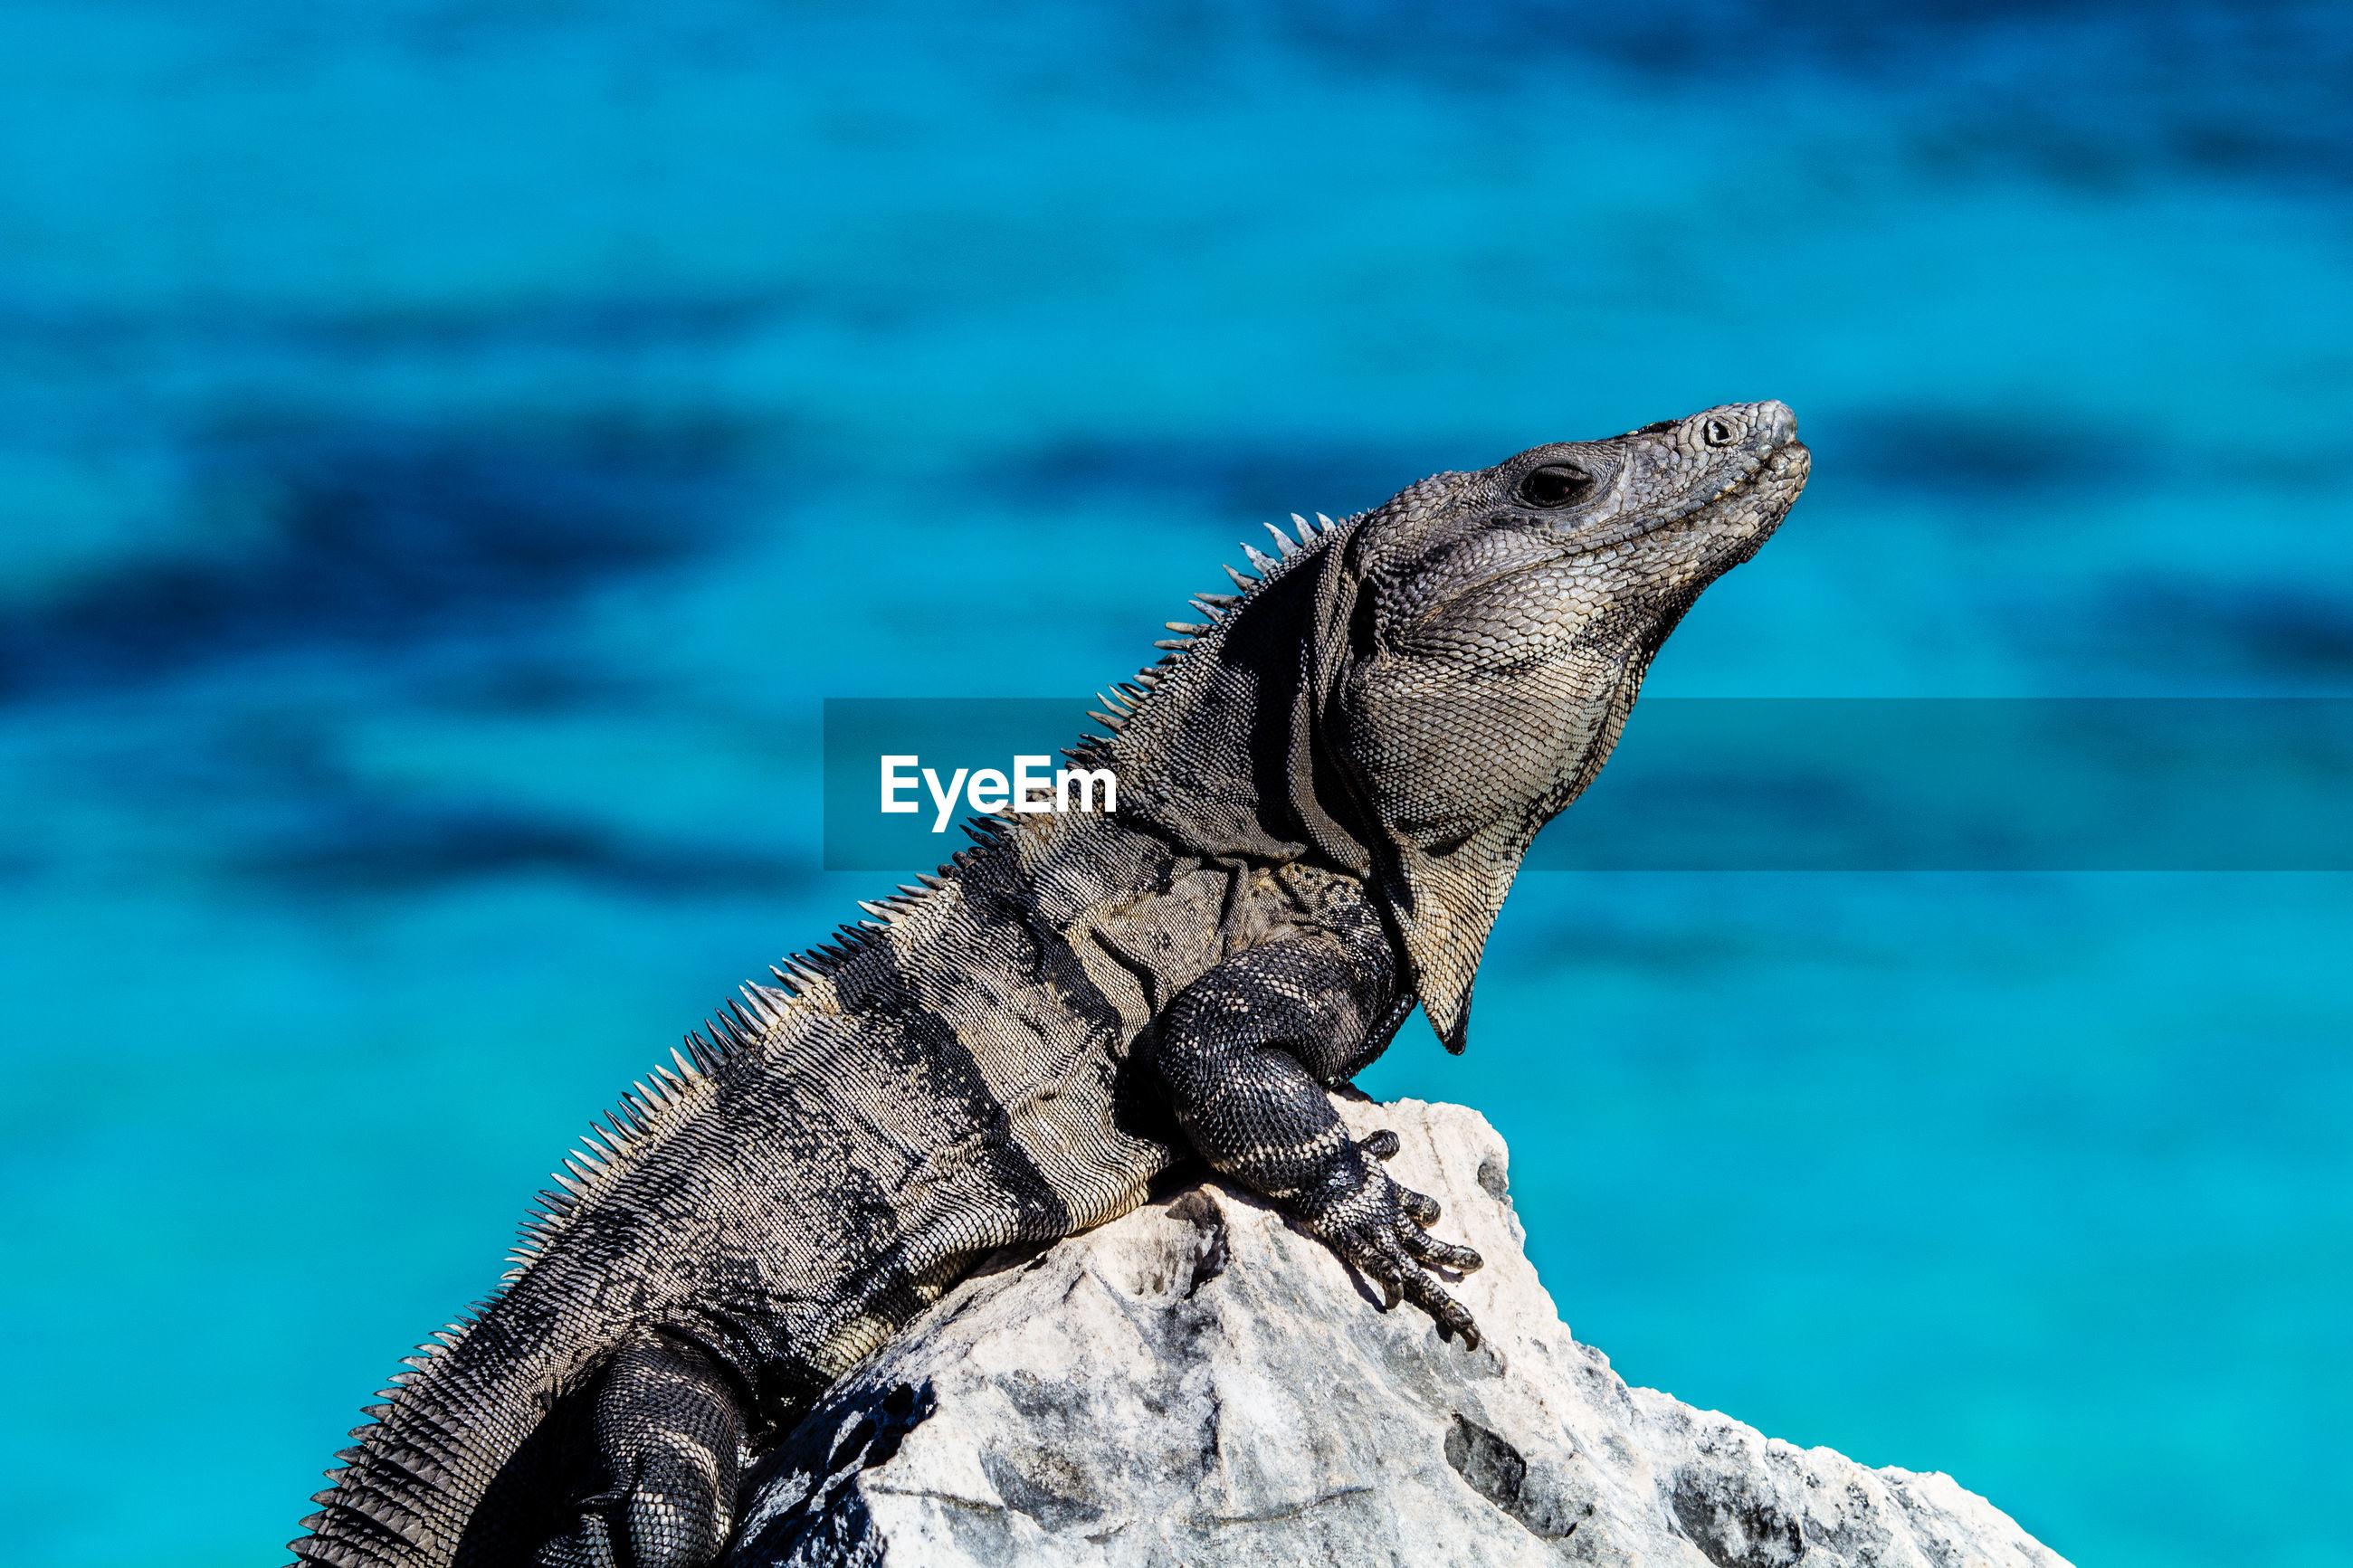 Marine iguana on rock against sea